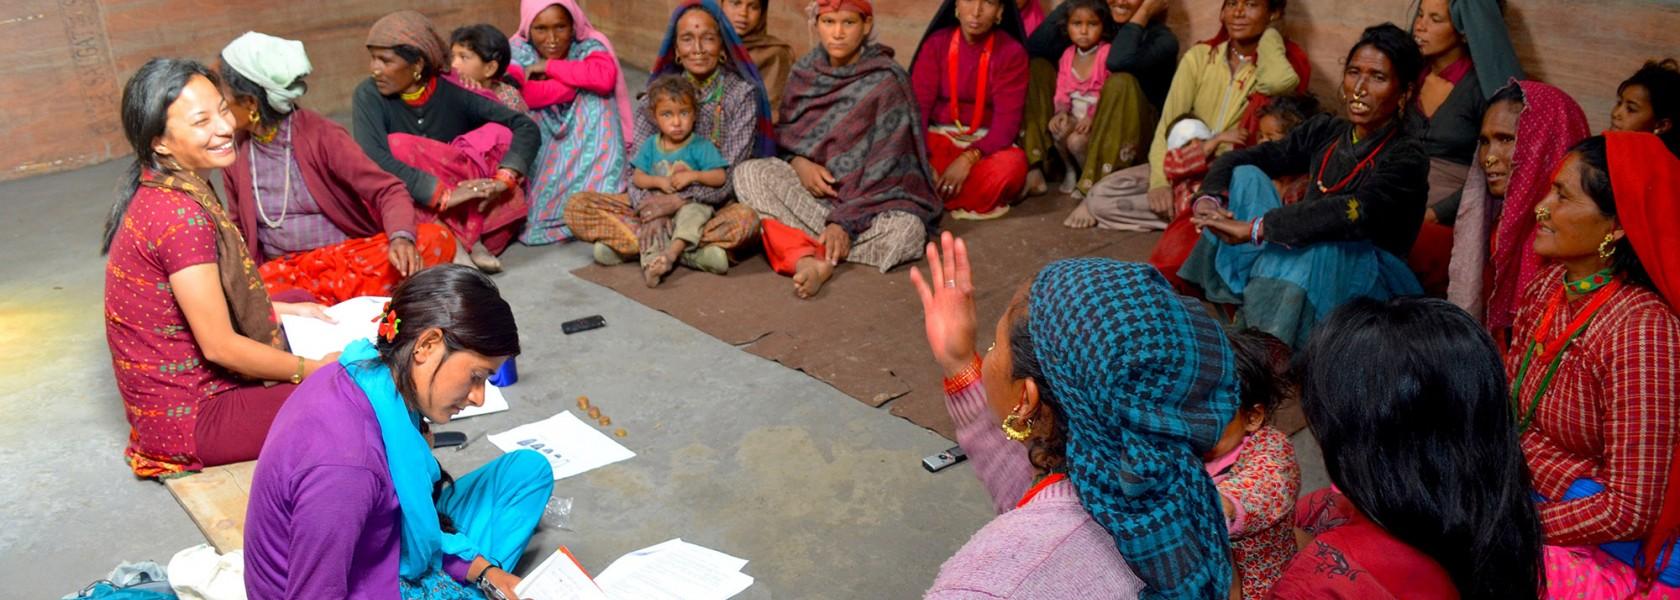 Nepal Fieldwork